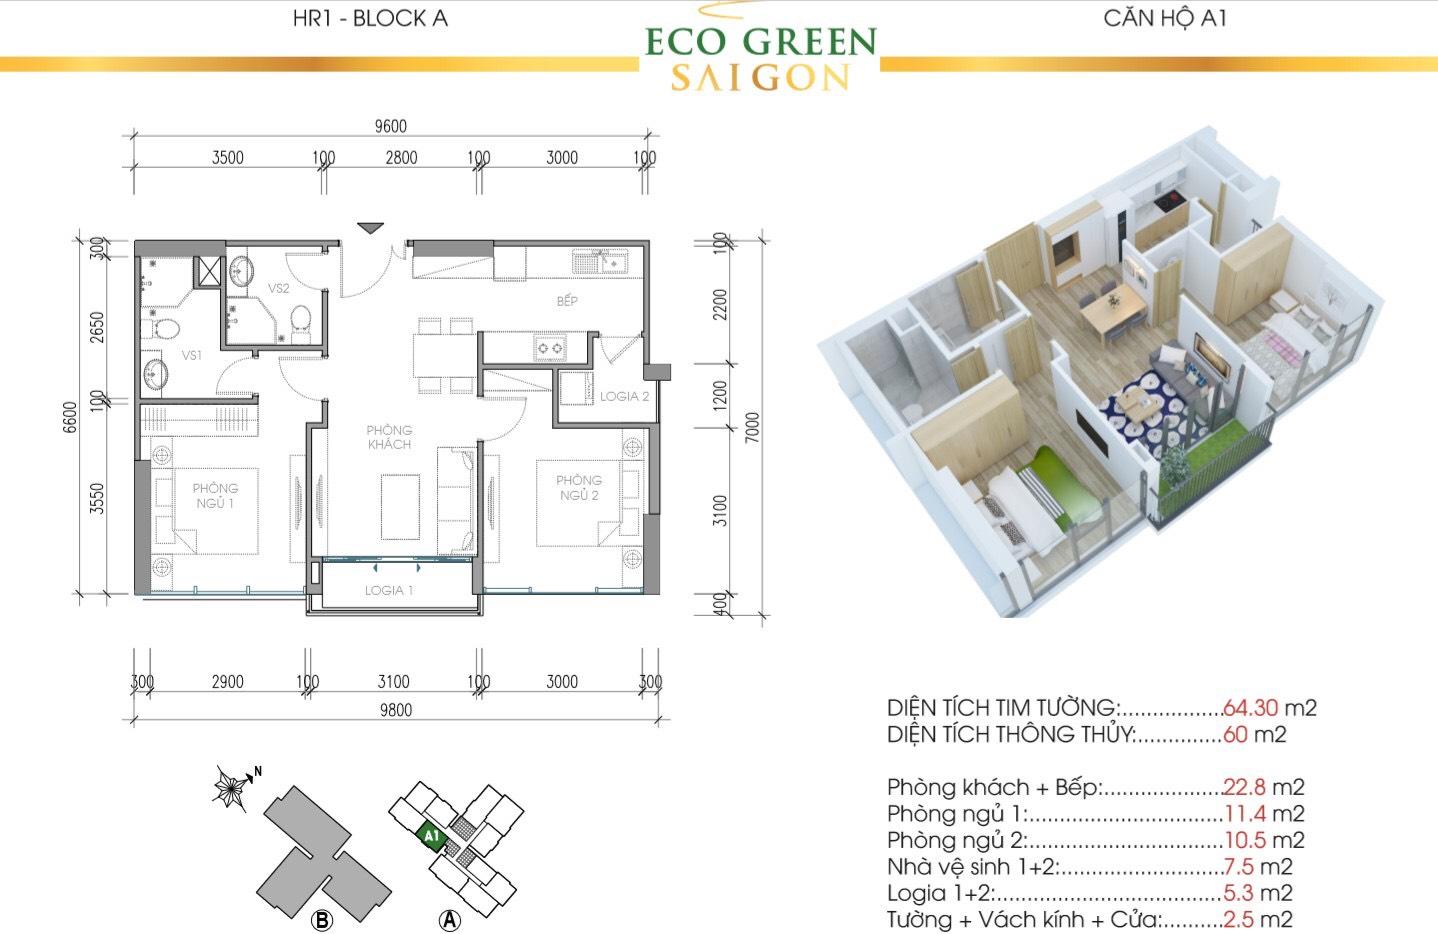 Mẫu thiết kế căn A1 Tòa Hr1 Eco Green Saigon